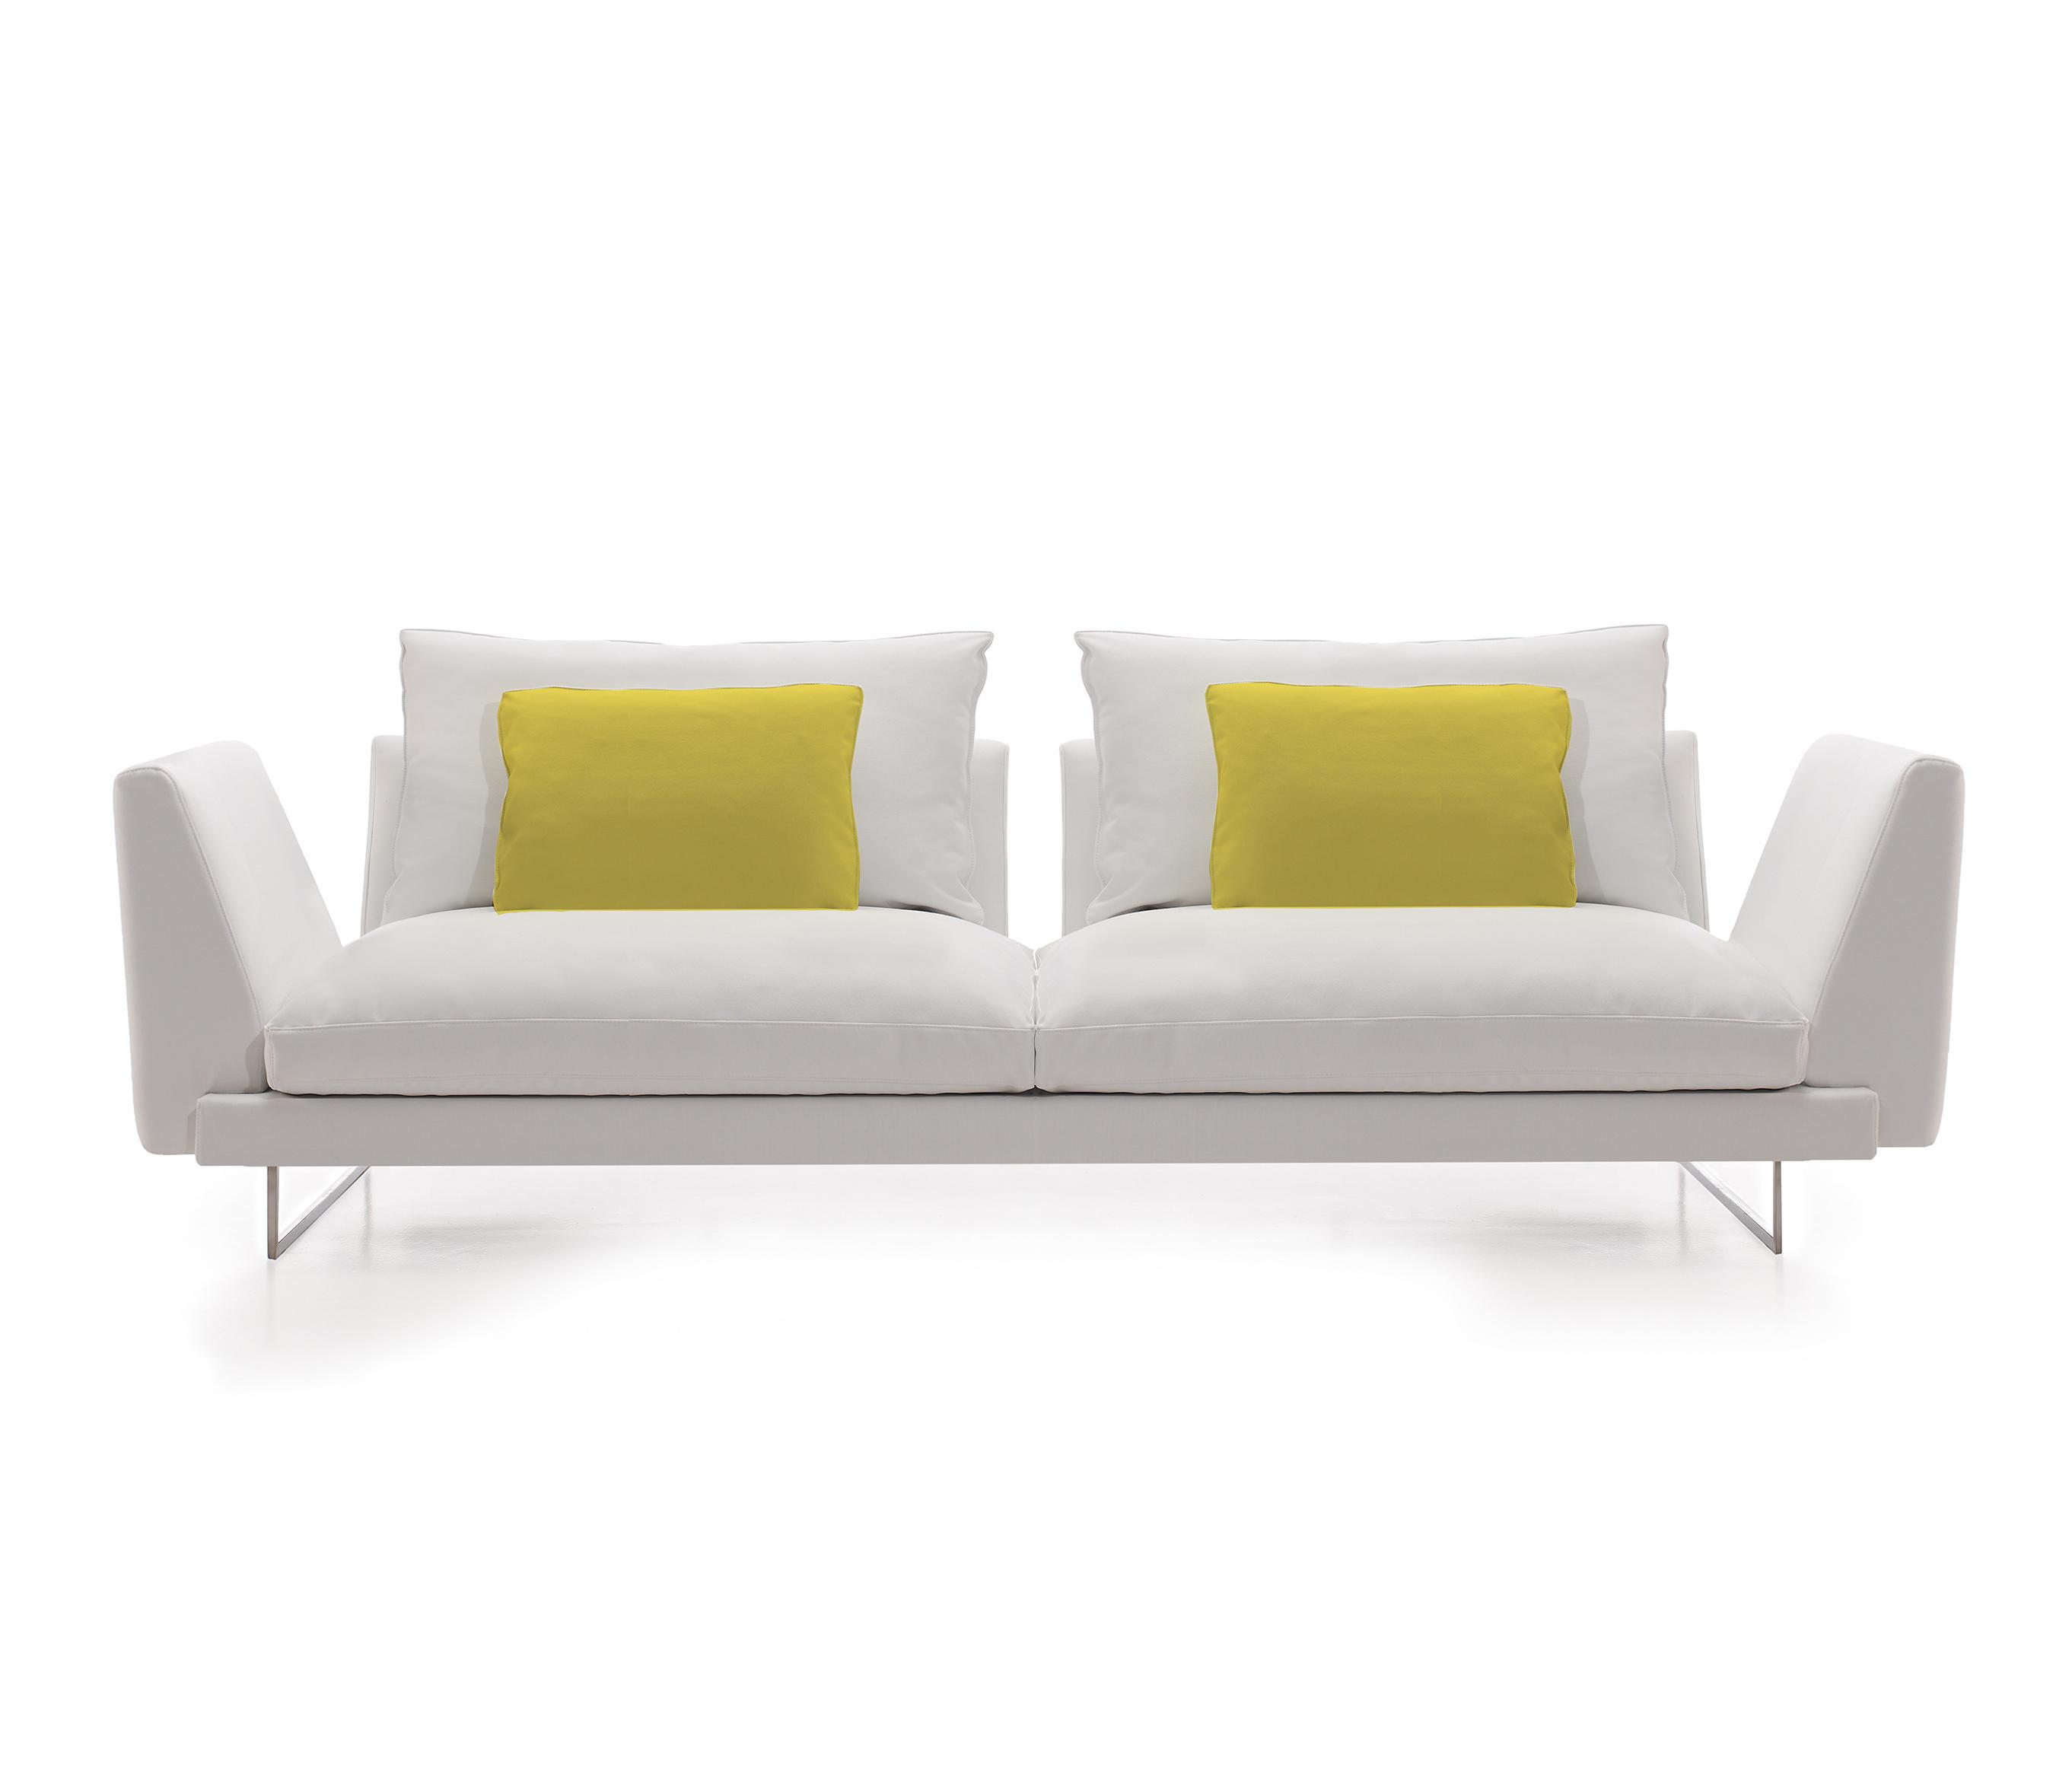 wing  lounge sofas from belta  frajumar  architonic - wing by belta  frajumar  lounge sofas